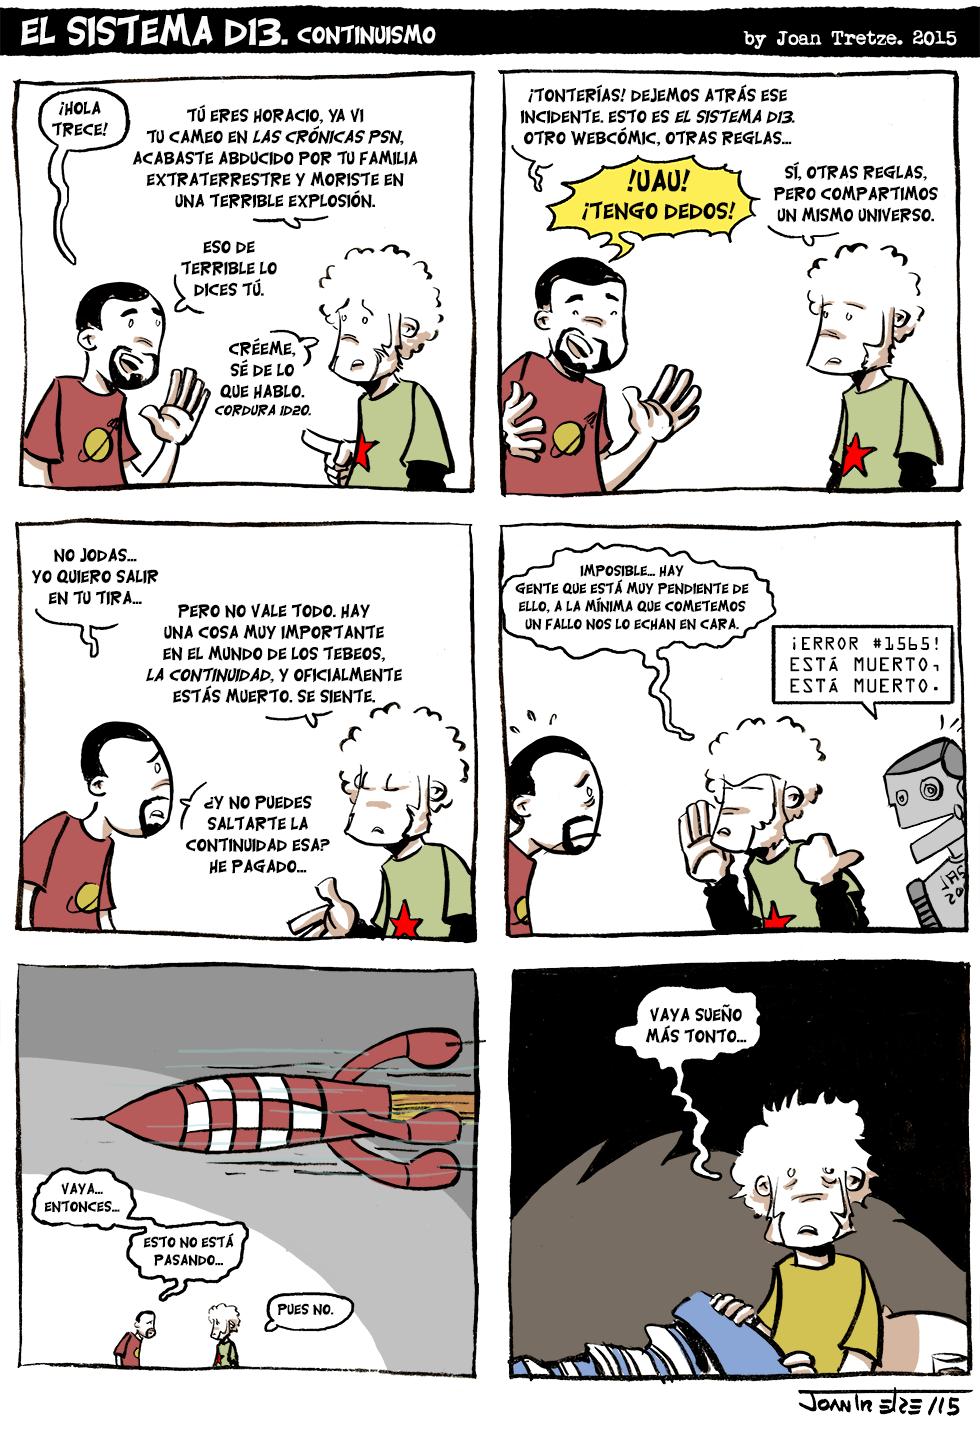 Continuismo